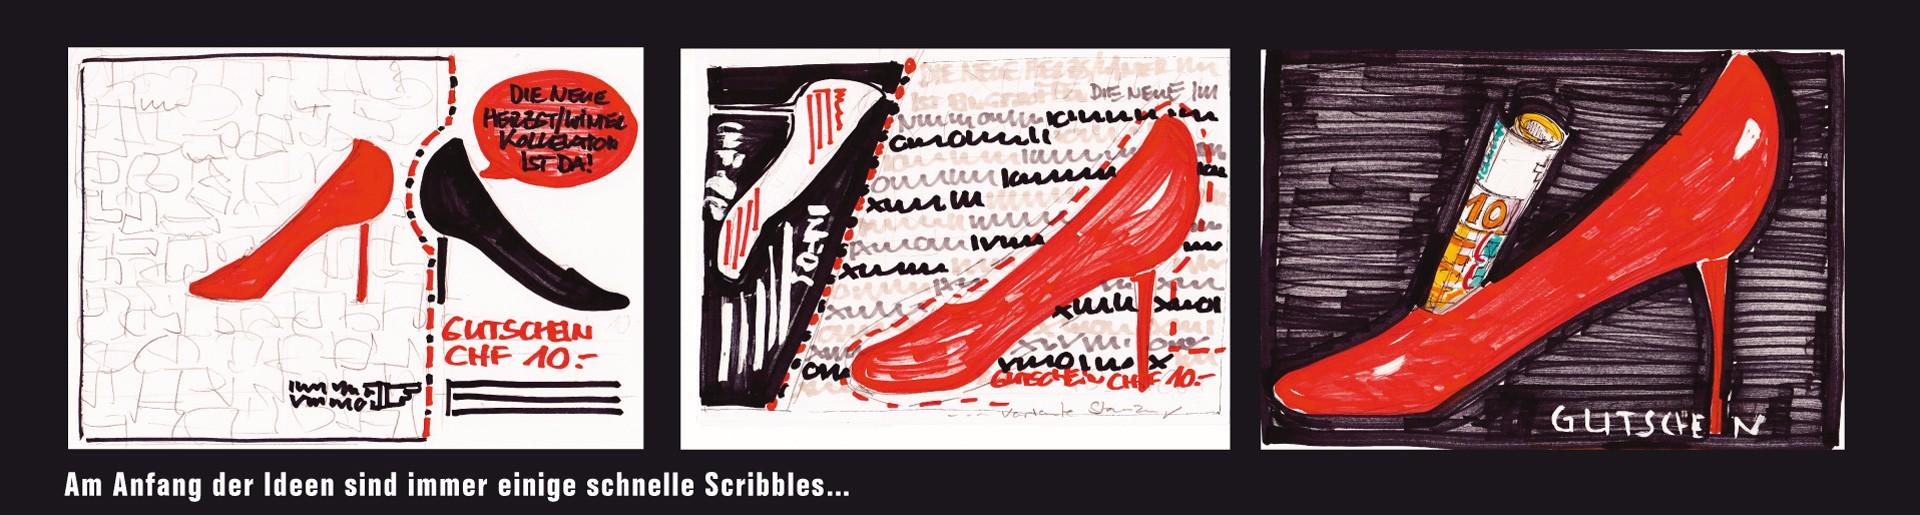 Slider-Scribble_Schuhhaus_1920x515px